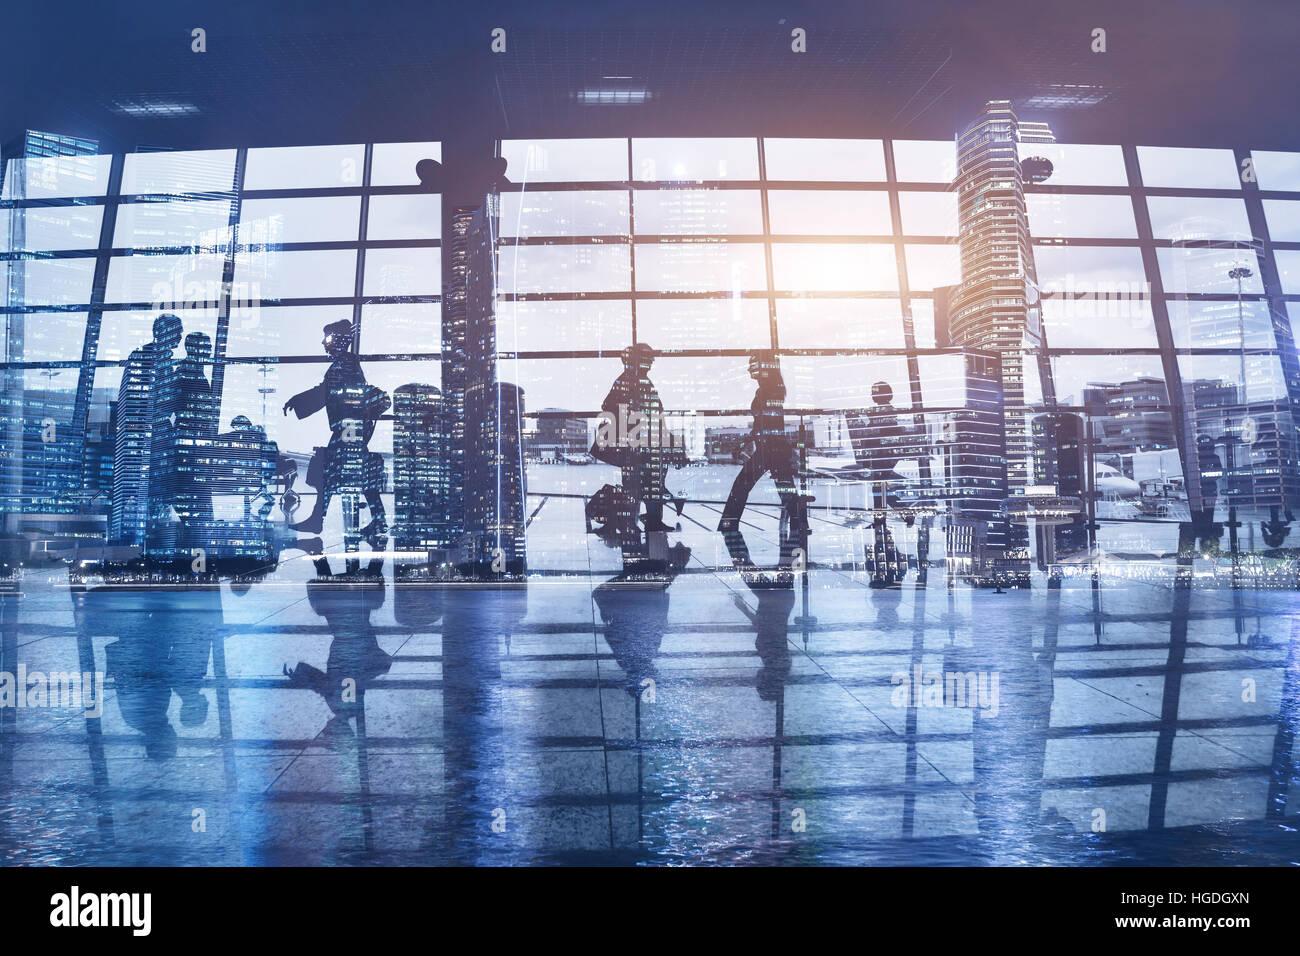 Silhouetten der Pendler zu Fuß am Flughafen, Business Travel Concept, abstrakten Hintergrund mit Menschen, Stockbild